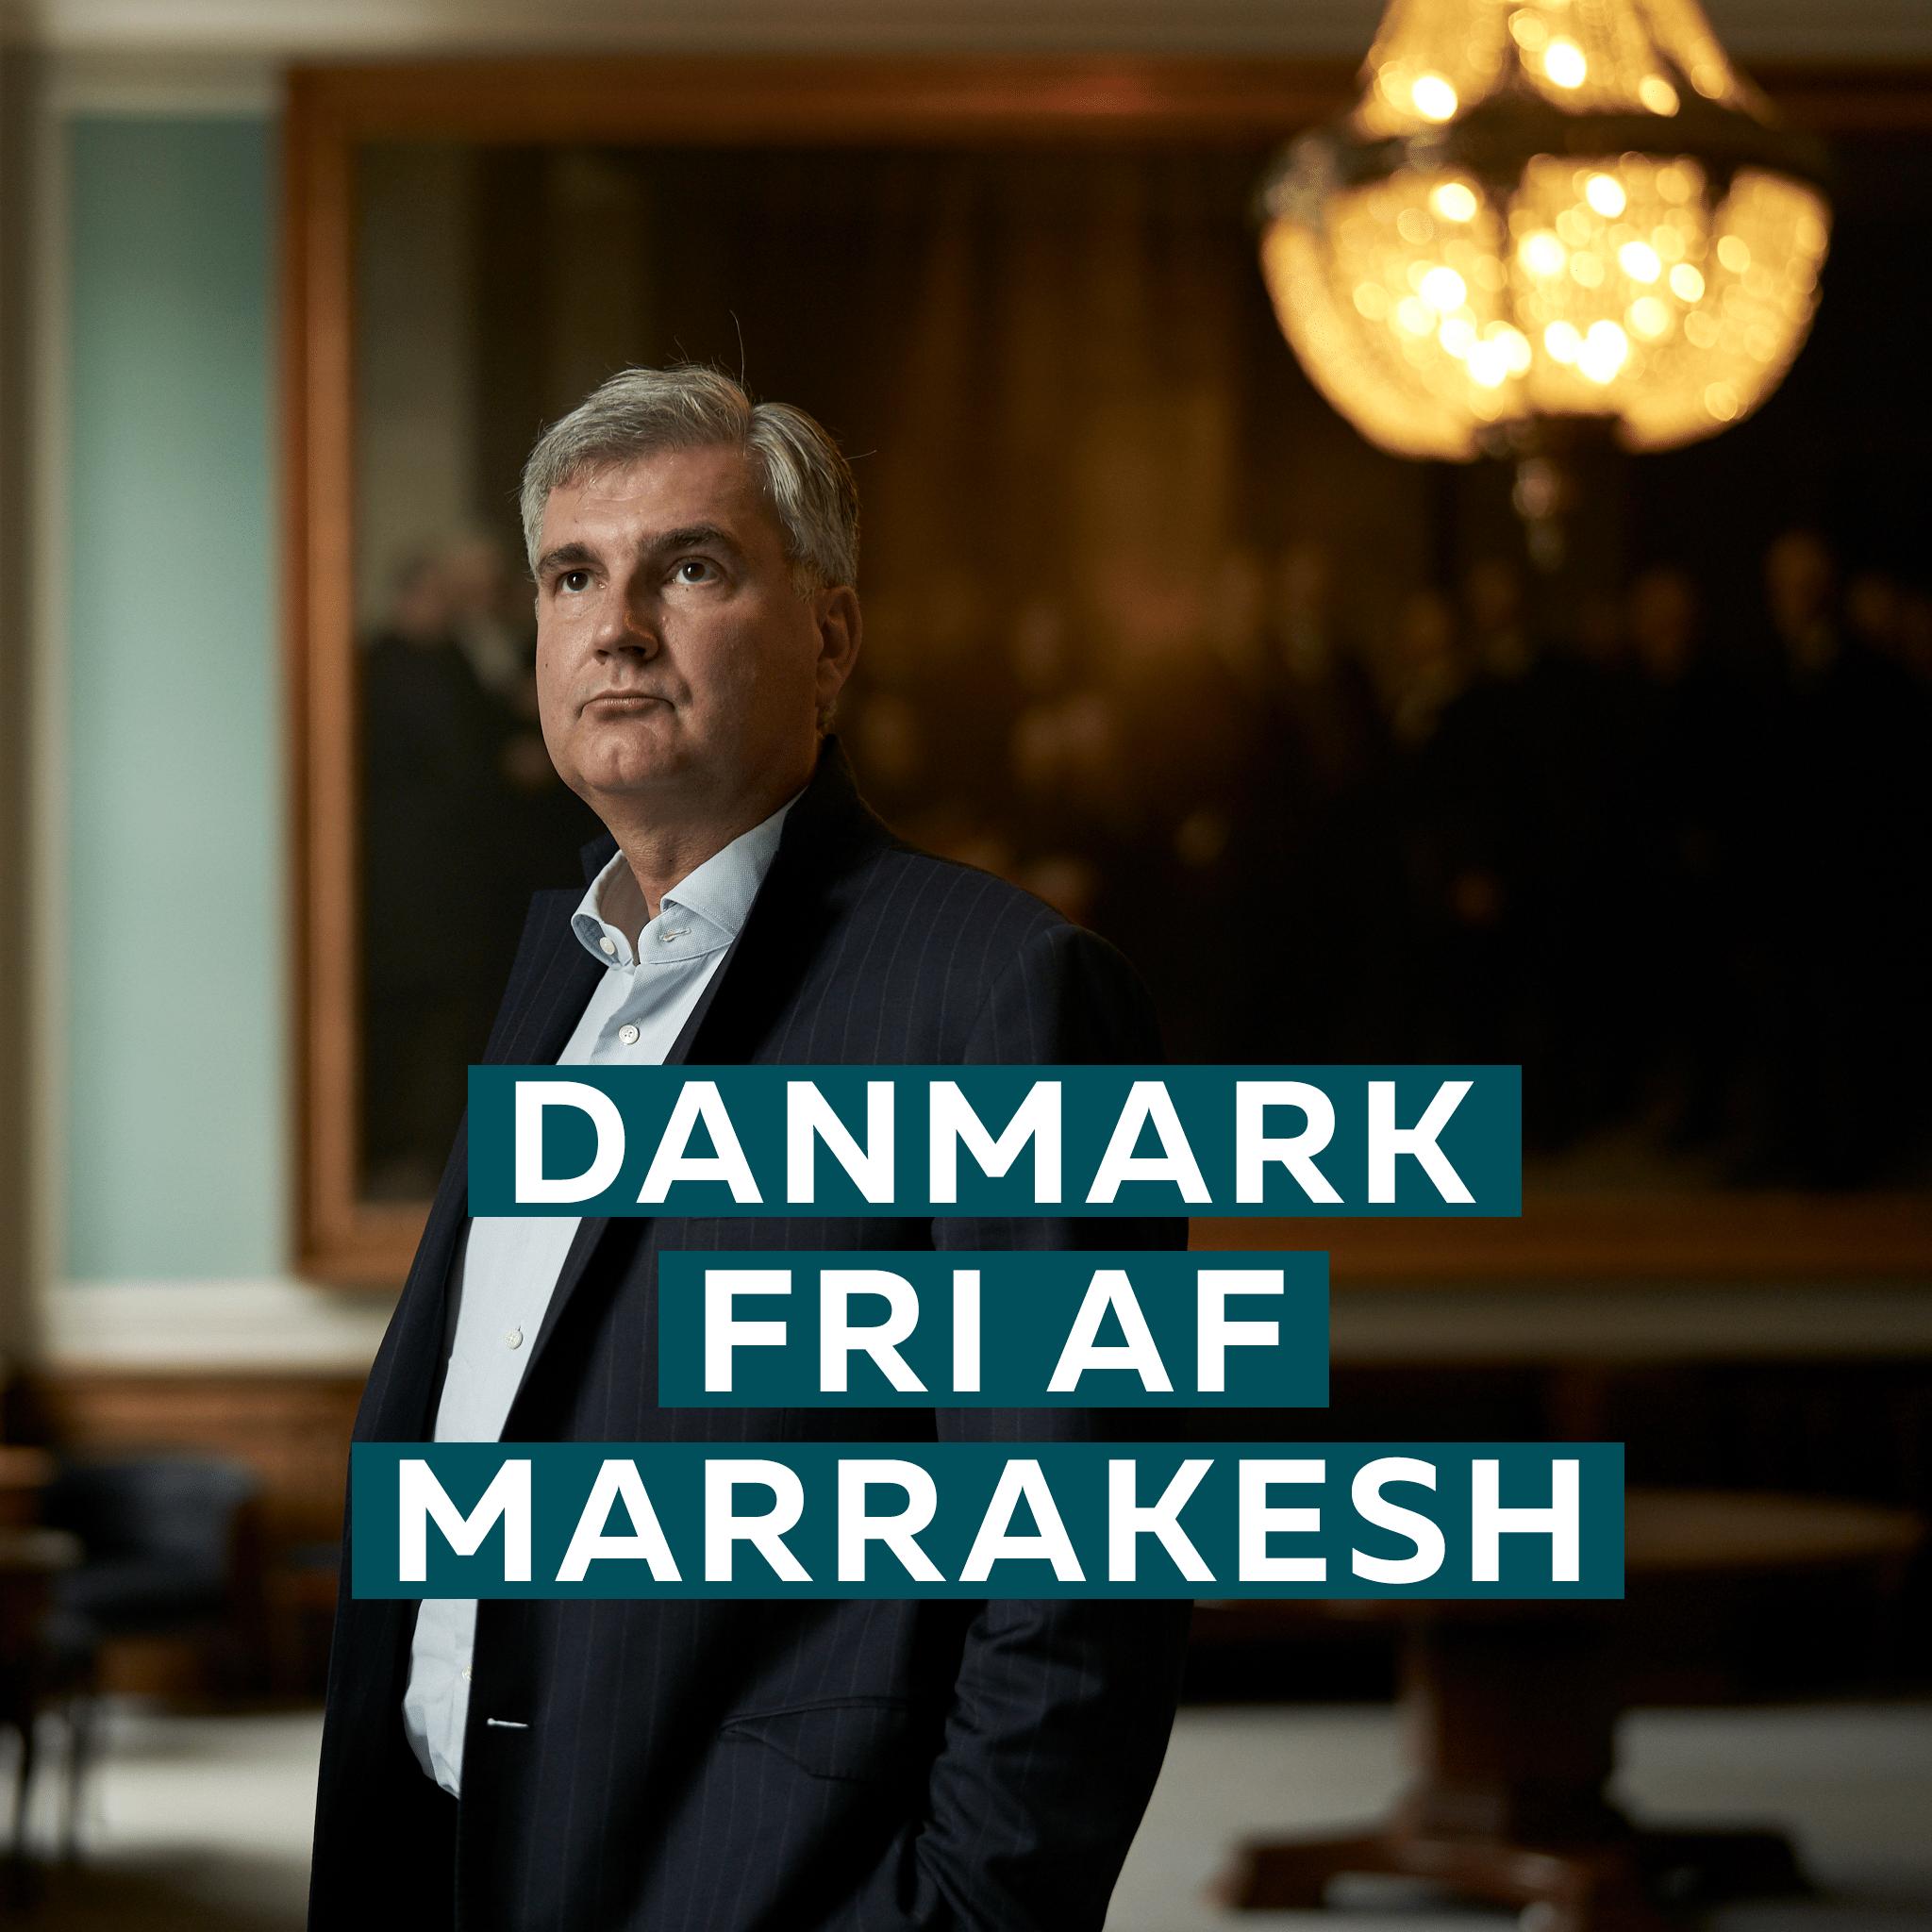 Lad os komme ud af Marrakesh-aftalerne